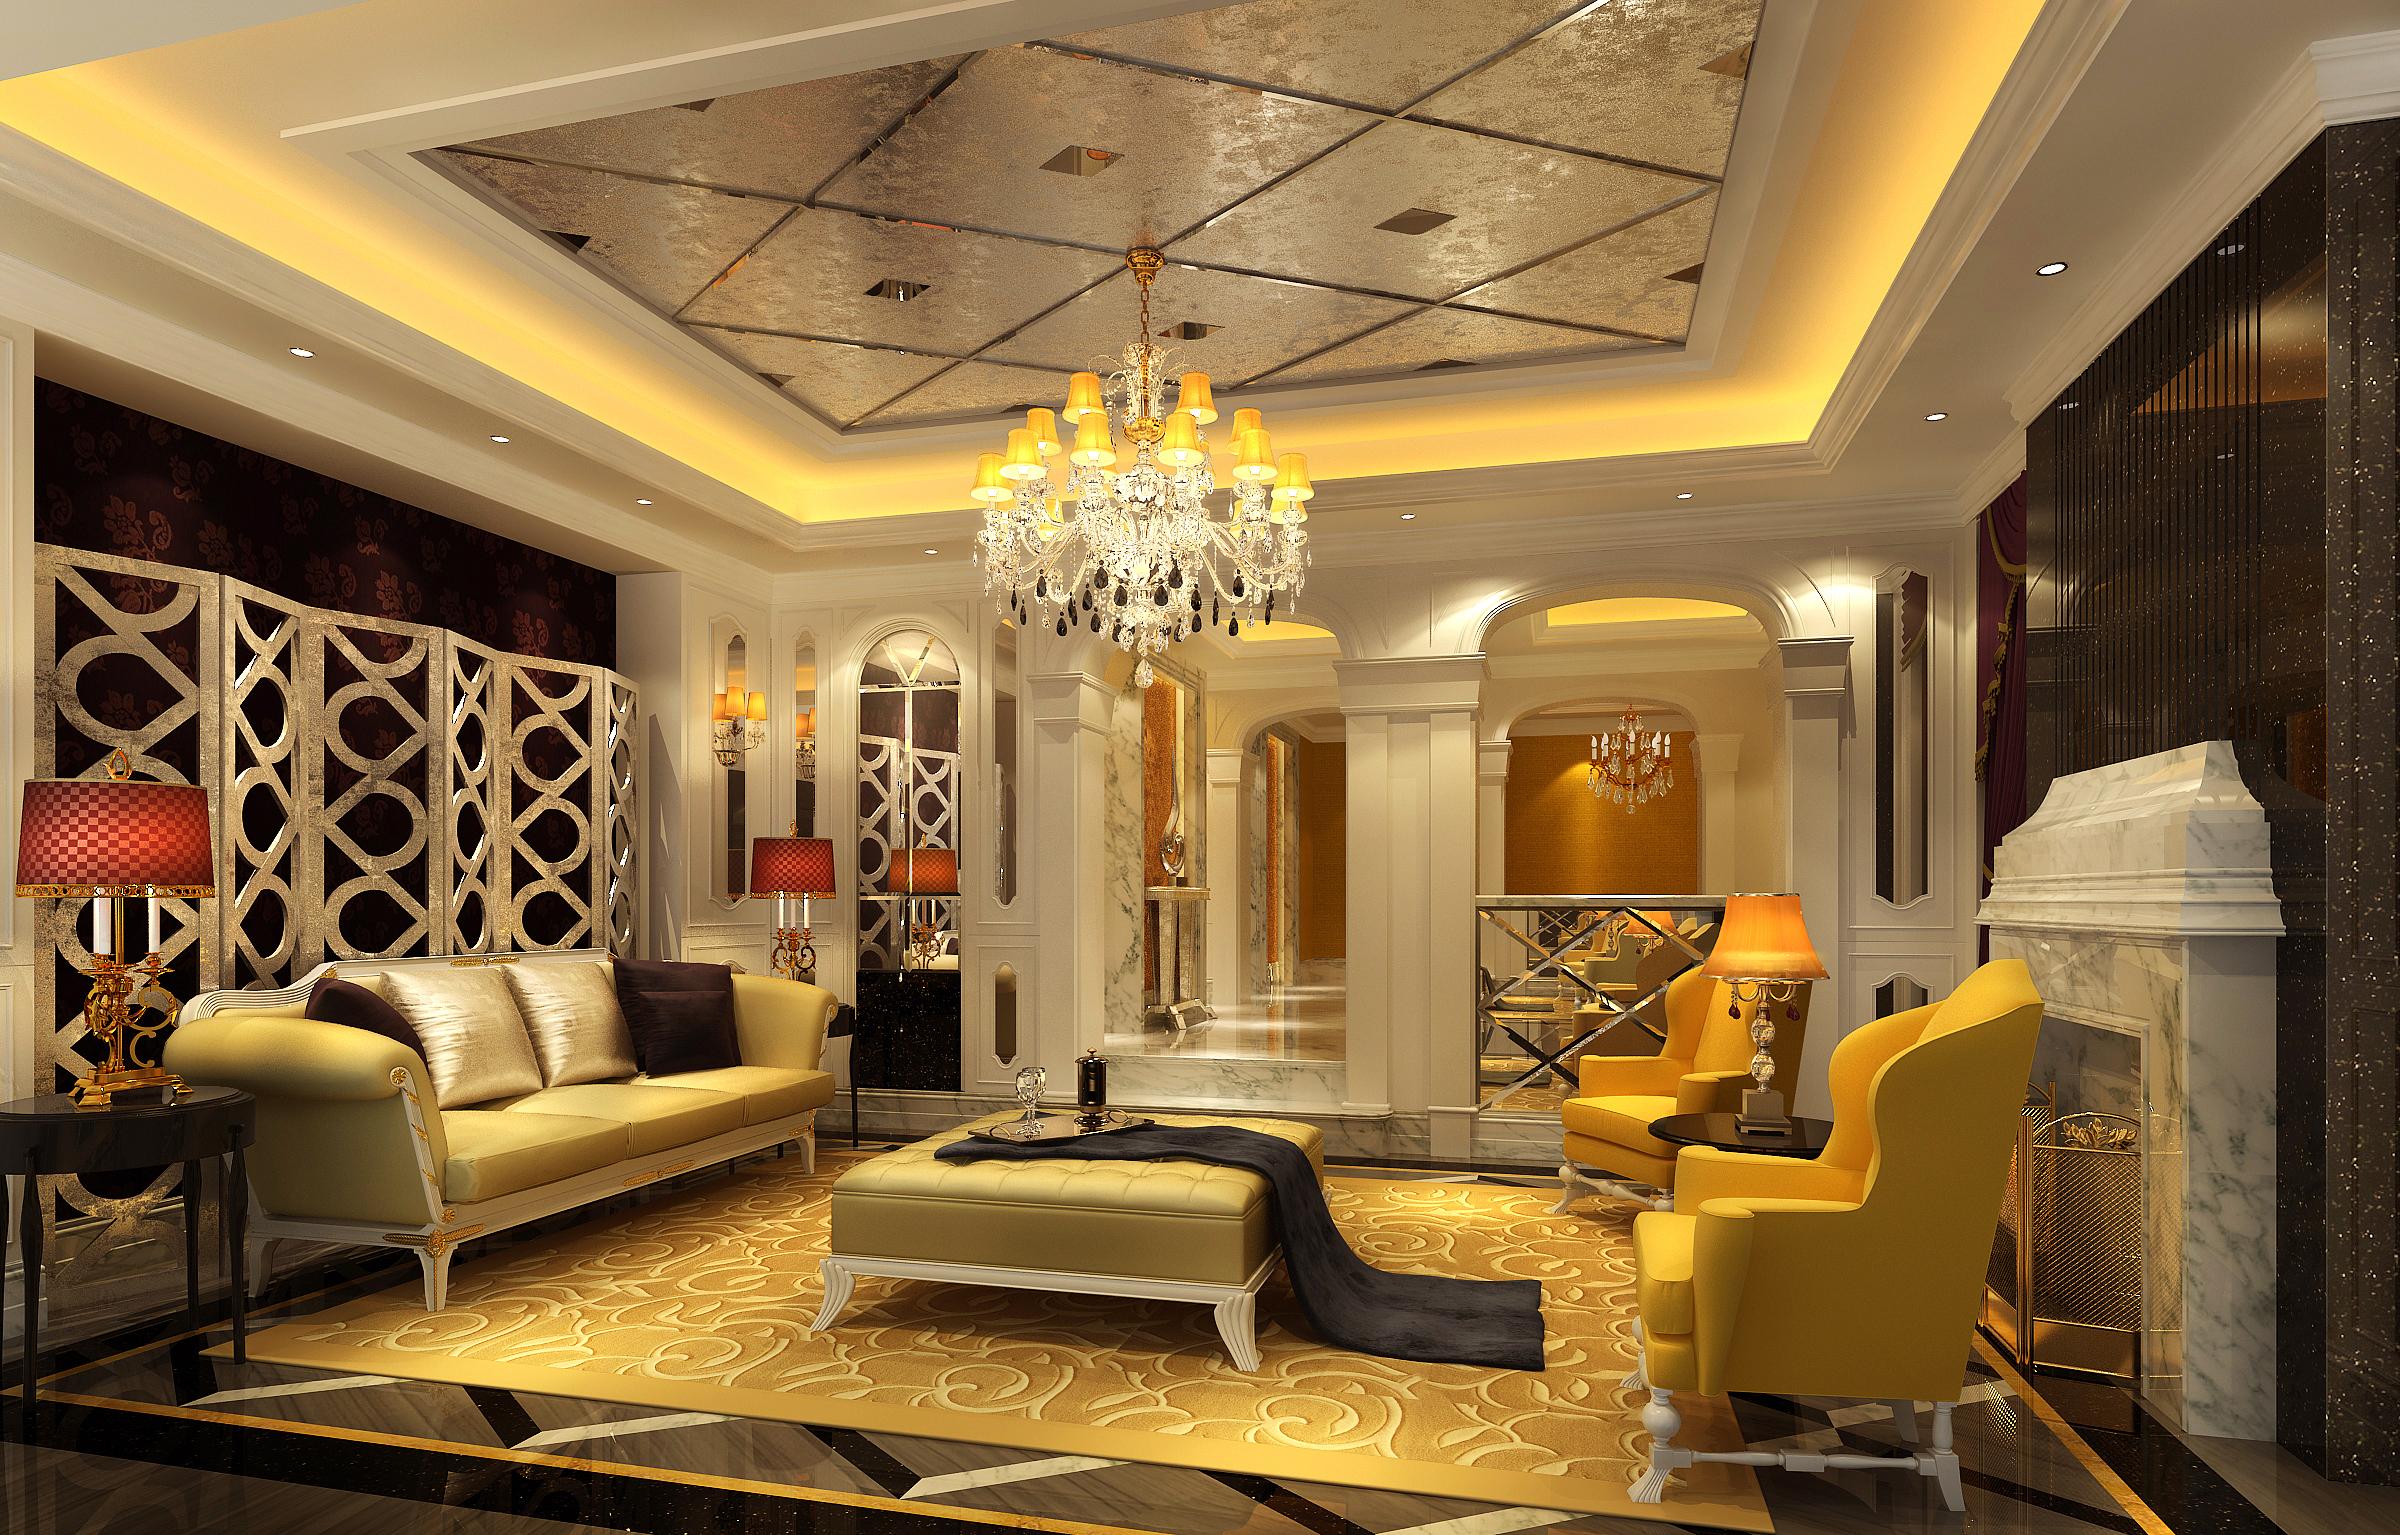 三居 港式 英伦 客厅图片来自天津京尚装饰在京尚装饰-观锦-港式三居128㎡的分享